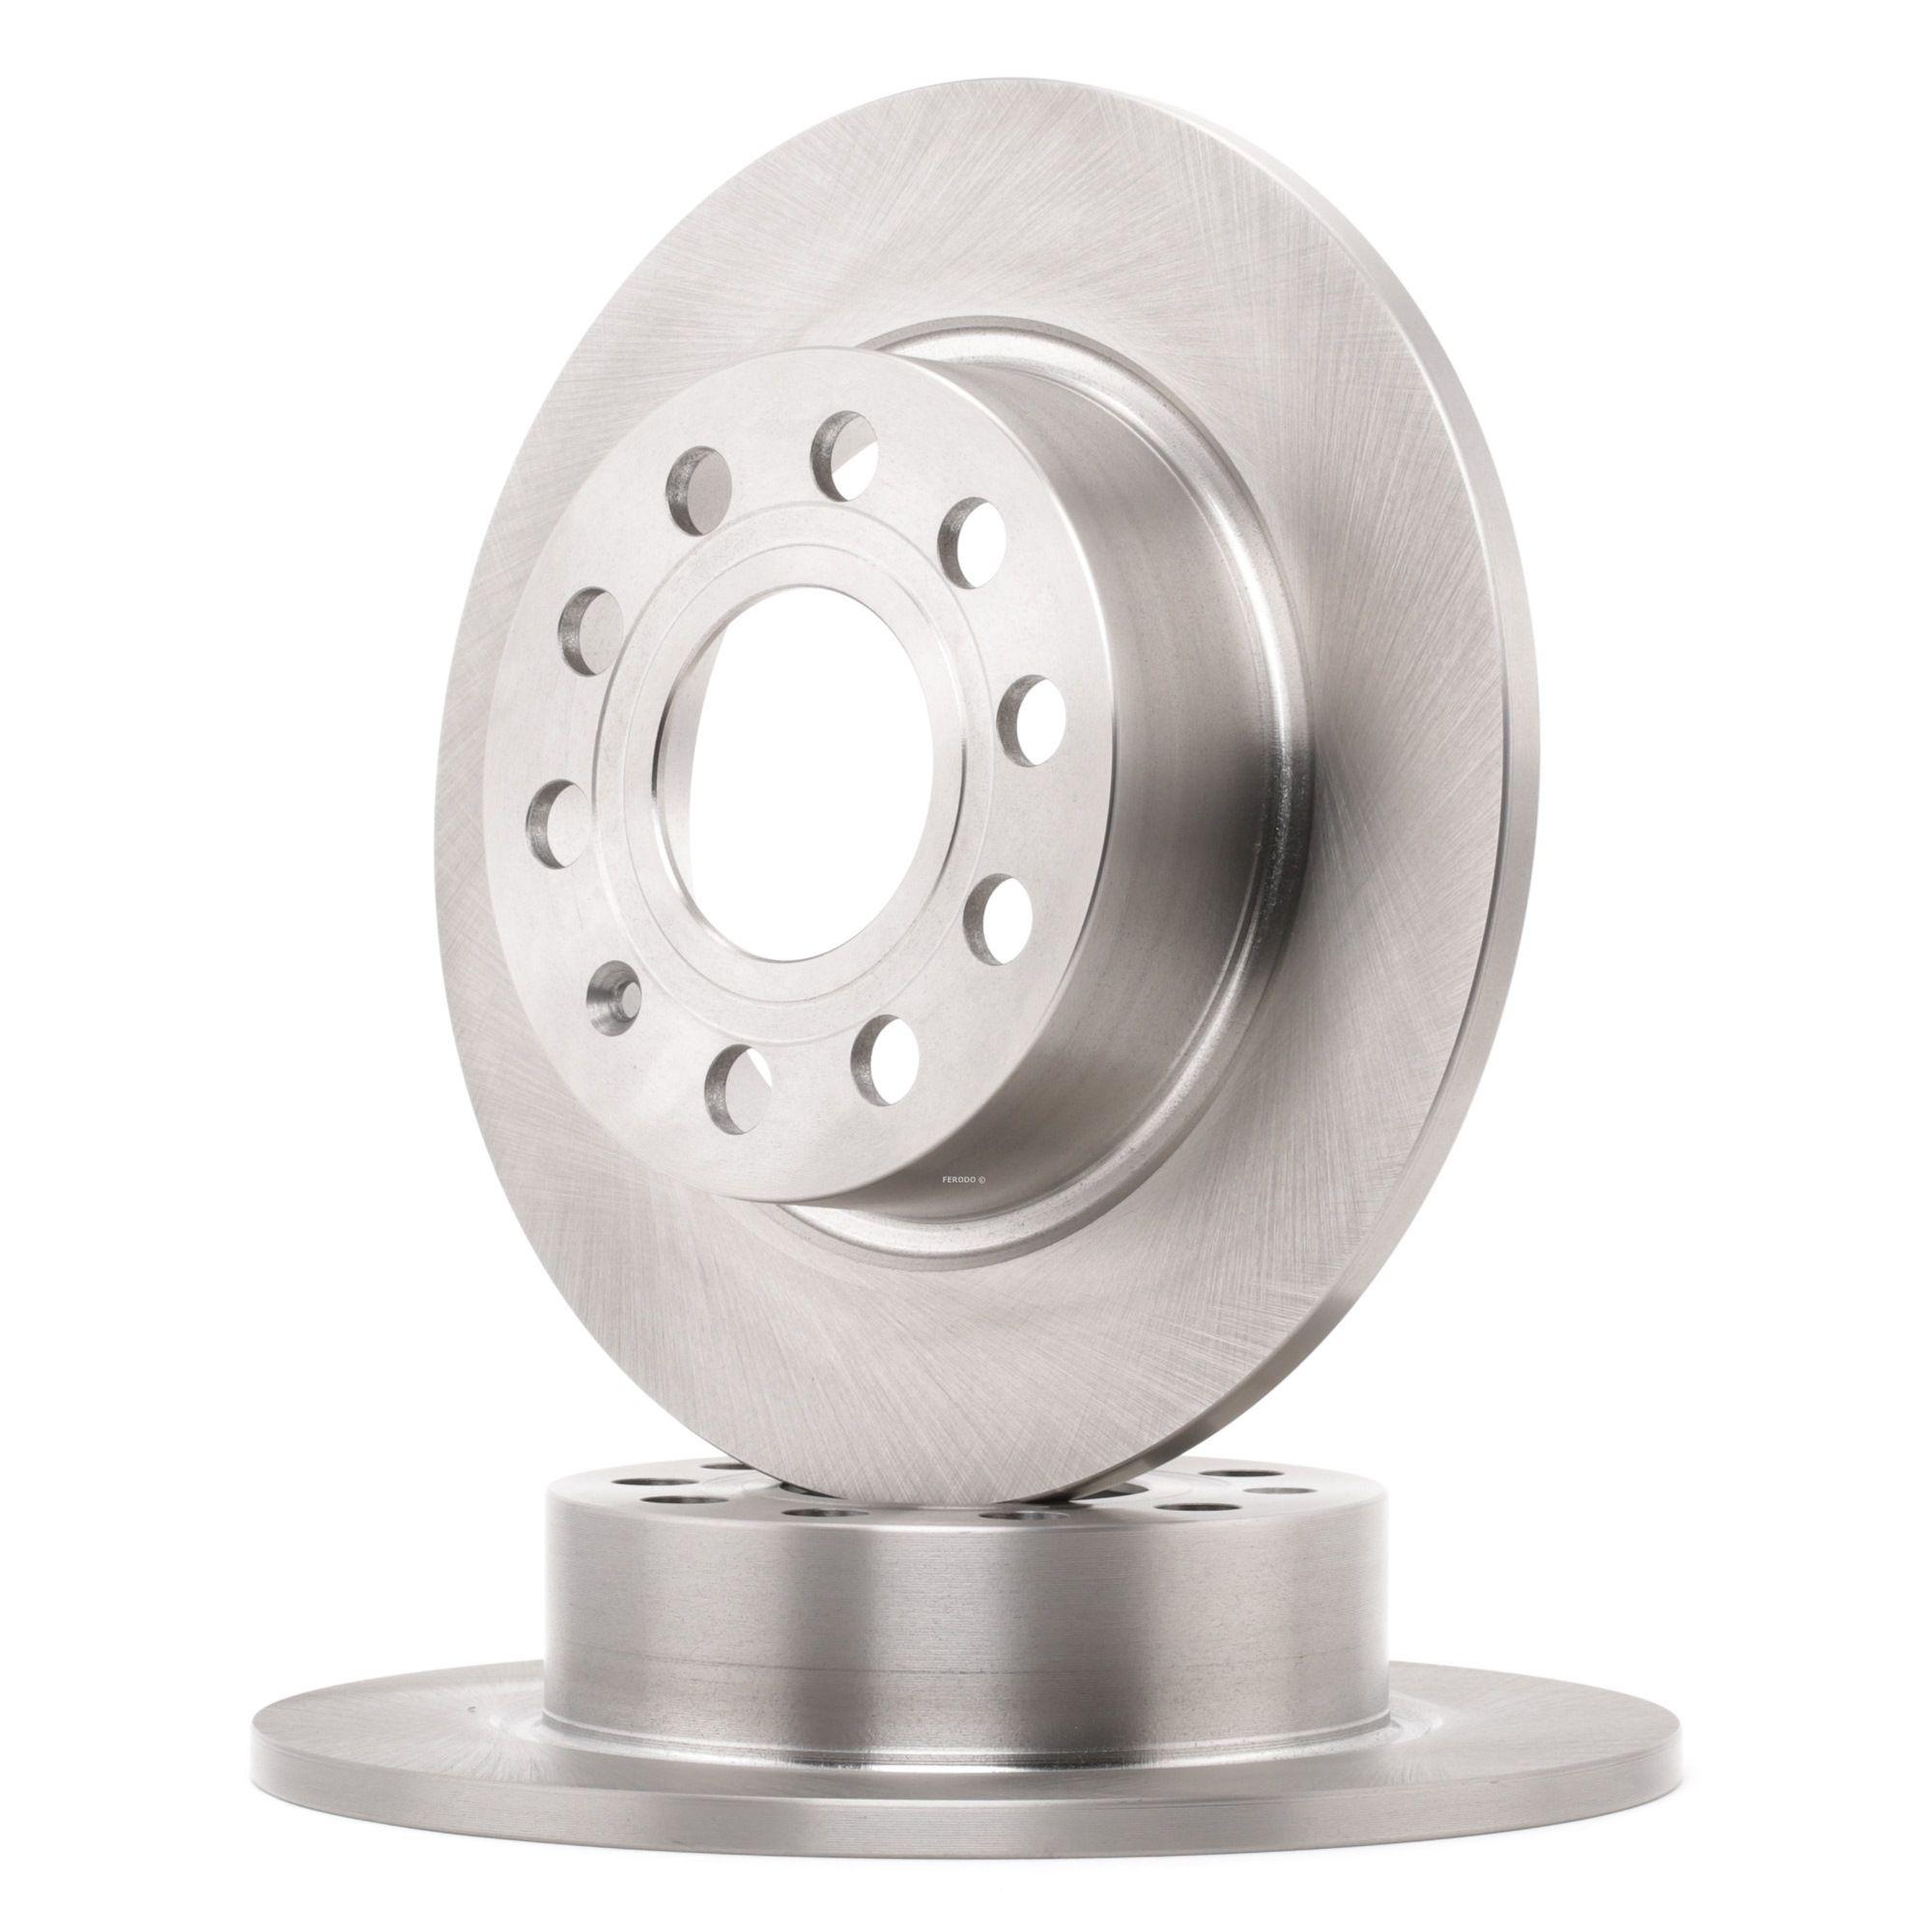 Achetez Disque FERODO DDF1224 (Ø: 255mm, Nbre de trous: 5, Épaisseur du disque de frein: 10mm) à un rapport qualité-prix exceptionnel